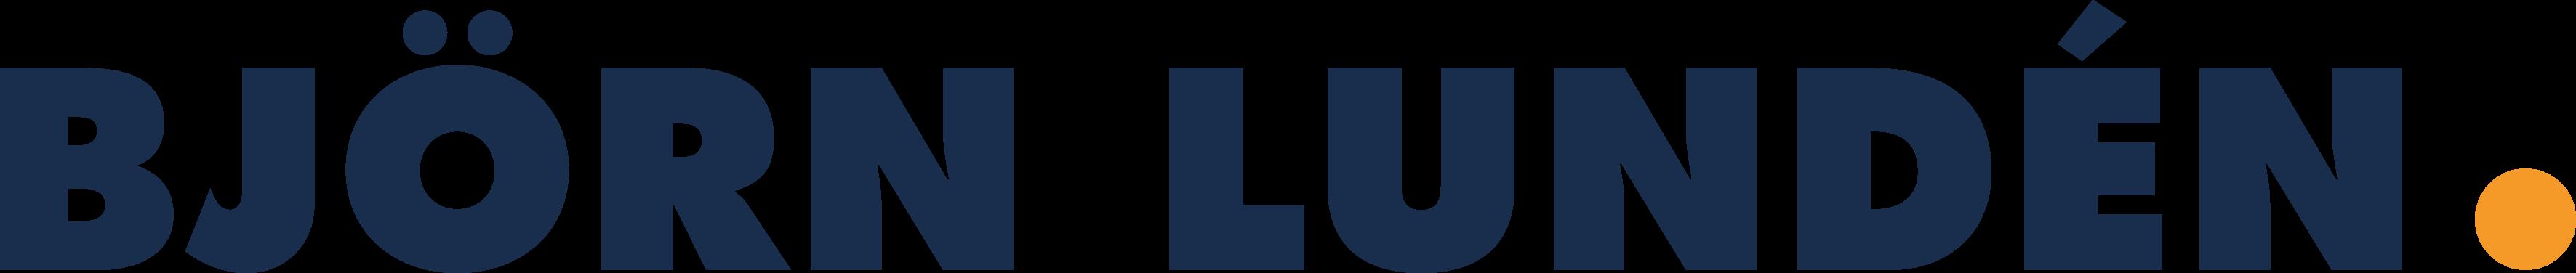 Björn lunden logo